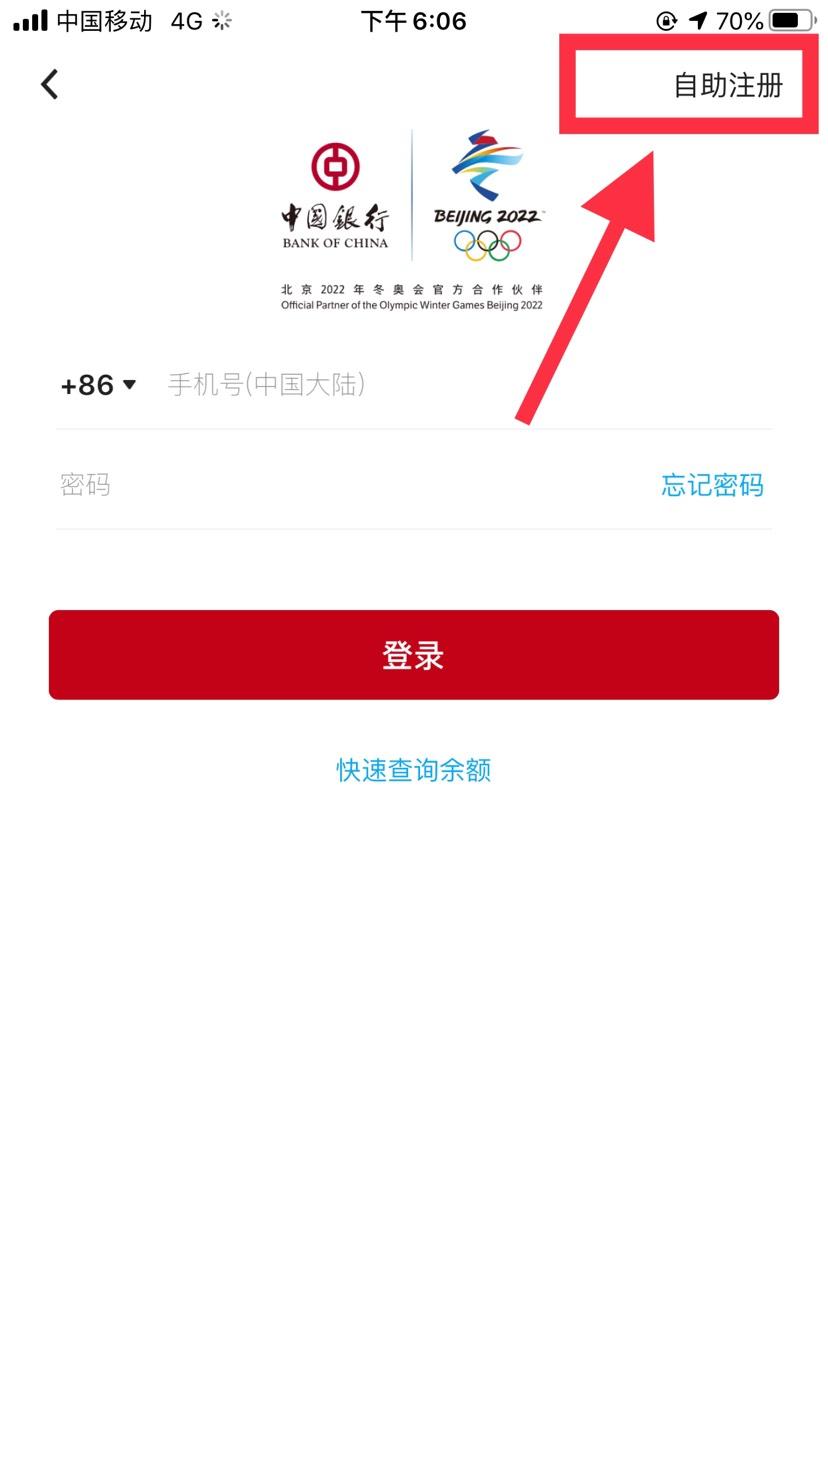 图片[1]-注册中国银行必得30元话费超级简单-飞享资源网